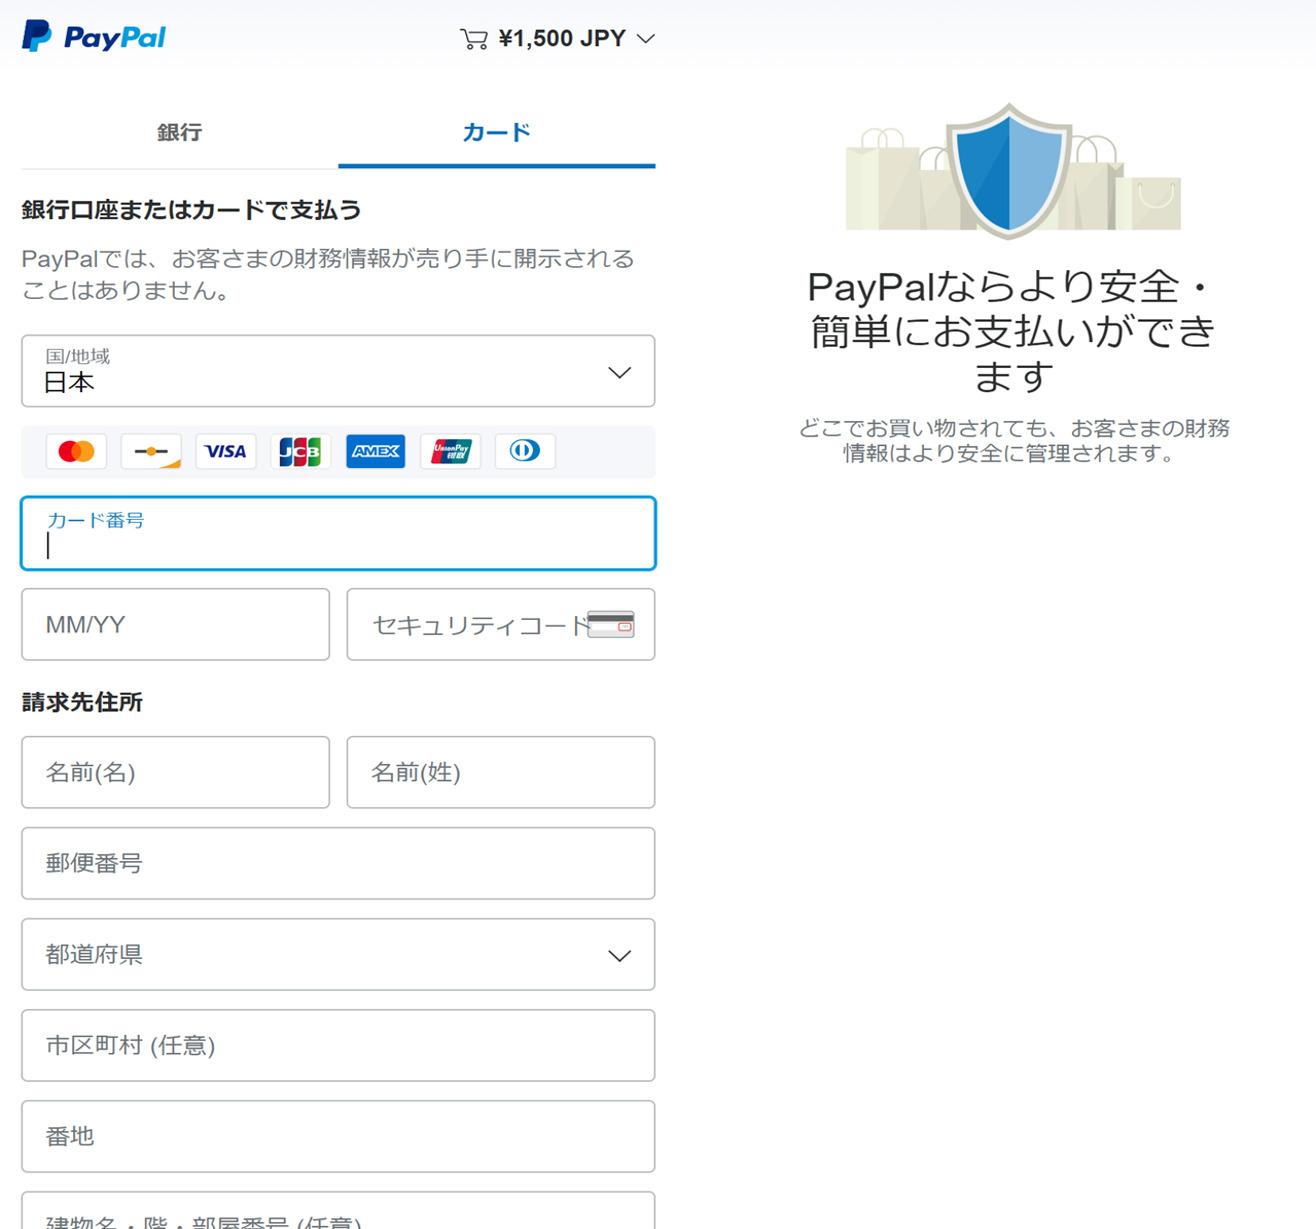 PayPal新規登録画面